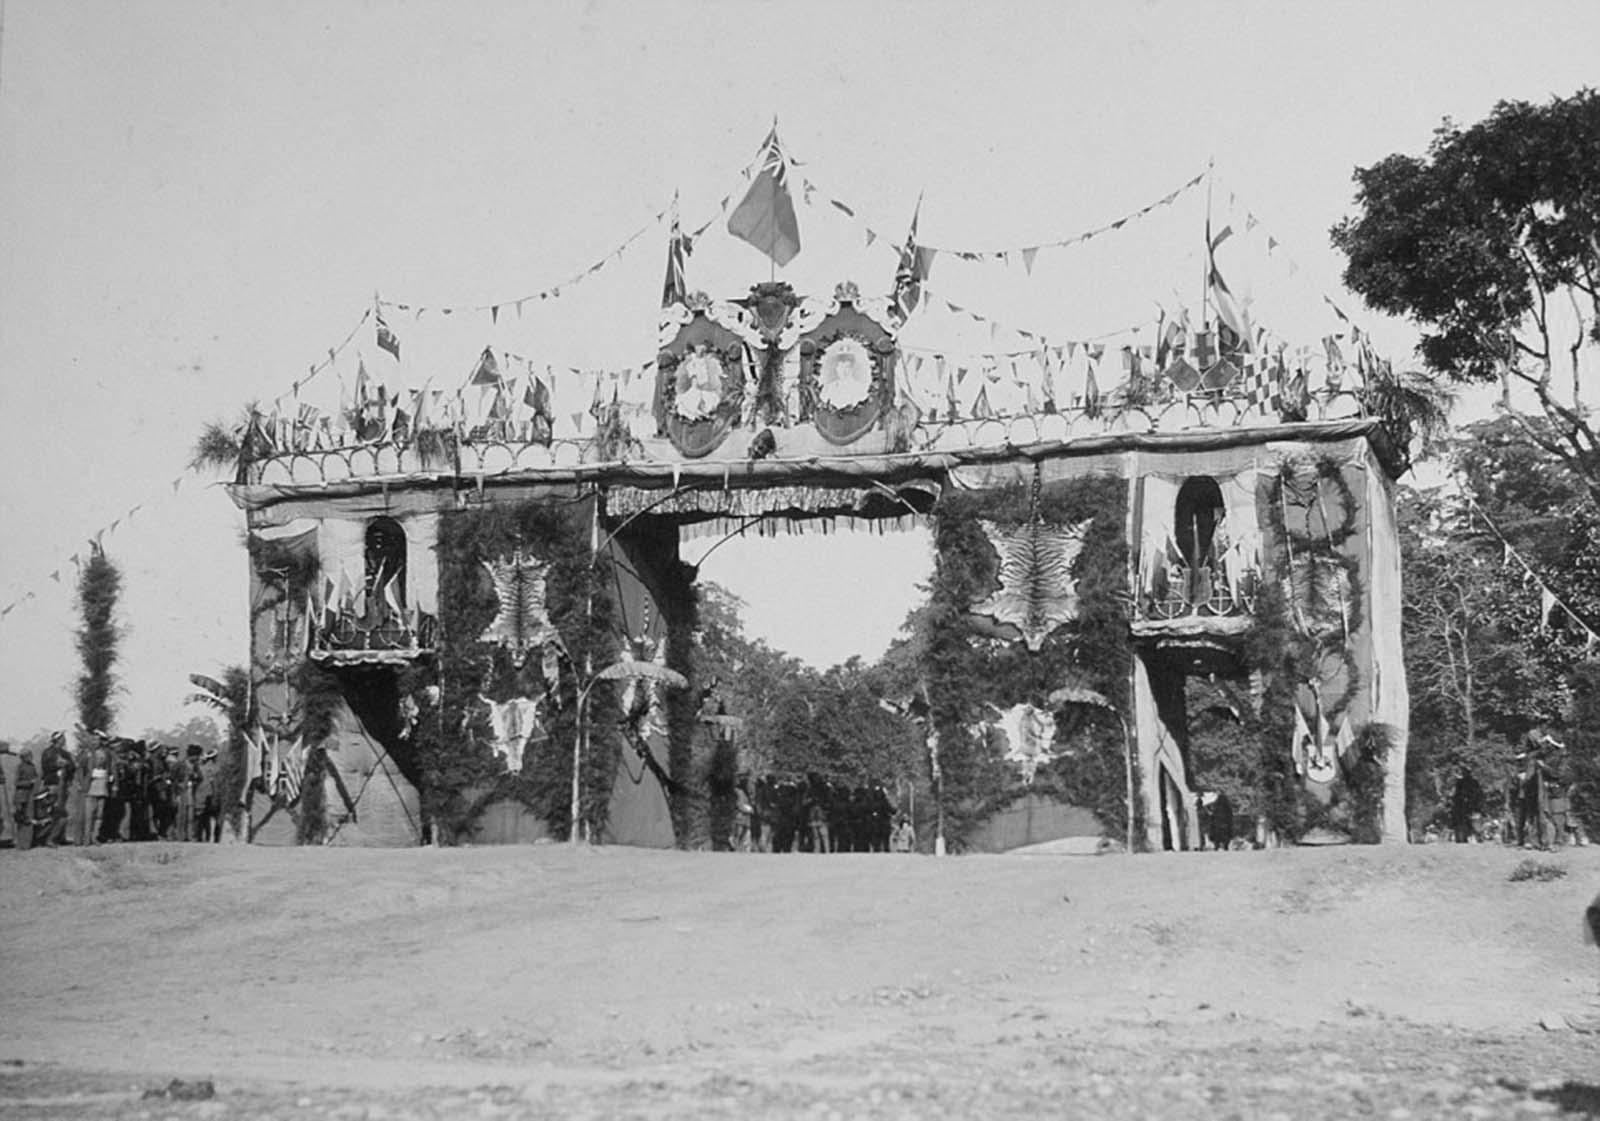 Em 1911 a realeza britânica foi à Índia para ser coroada e aproveitou para caçar 23